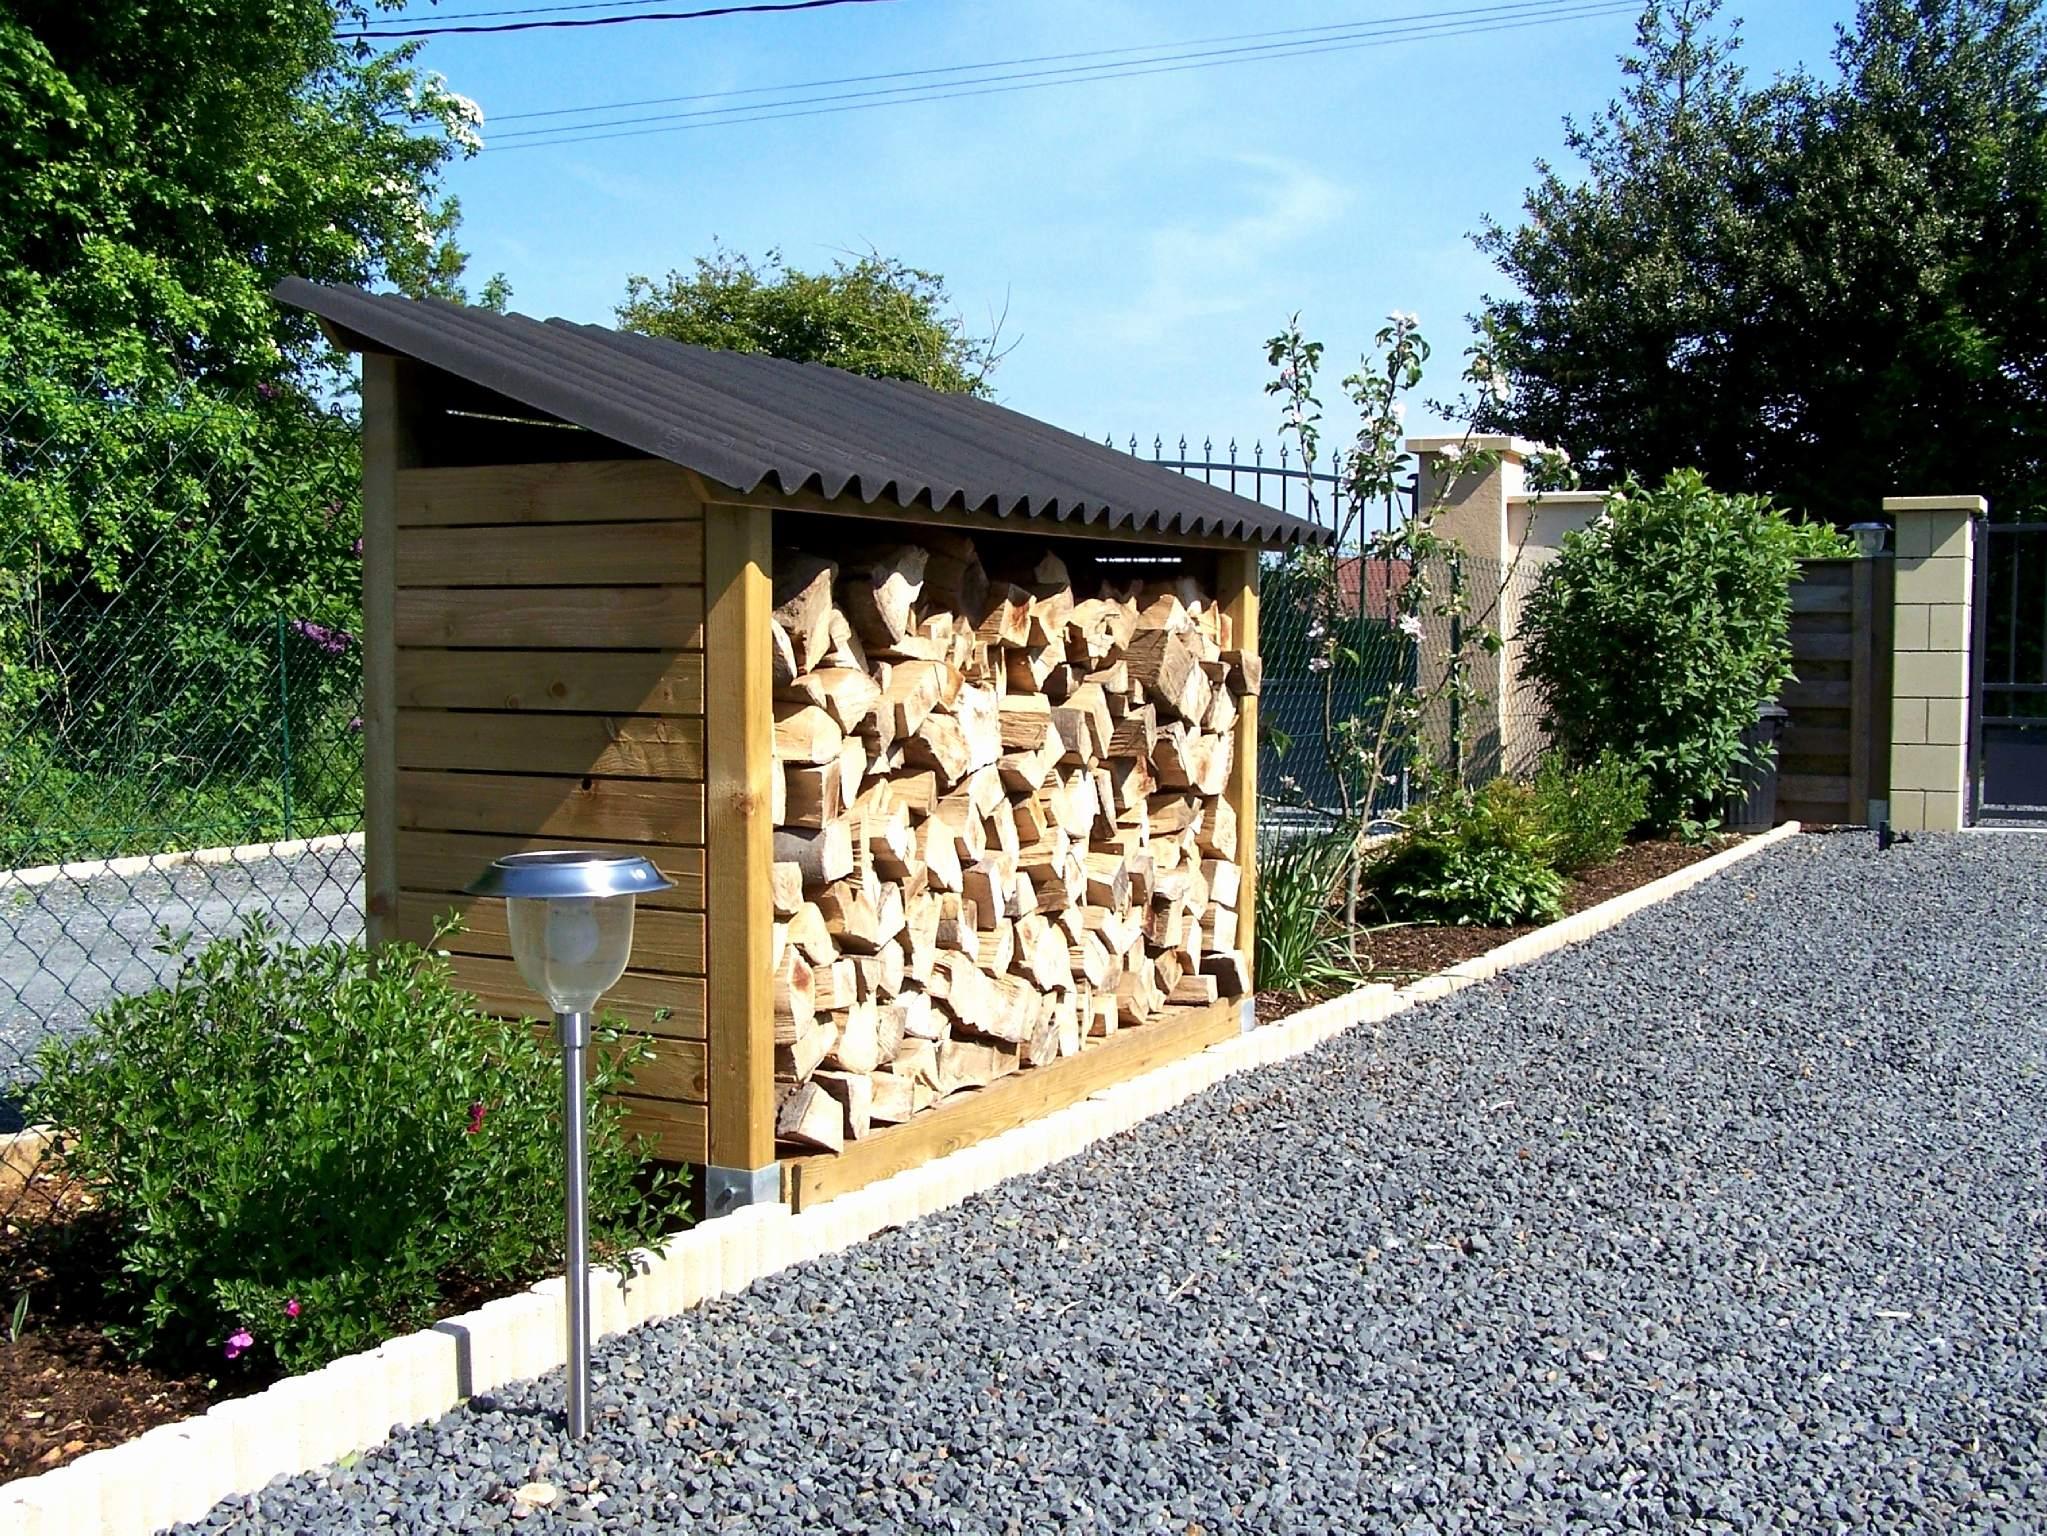 Fabriquer Serre De Jardin Polycarbonate Luxe Photos Serre De Jardin Pas Cher Nouveau Serre De Jardin D Occasion